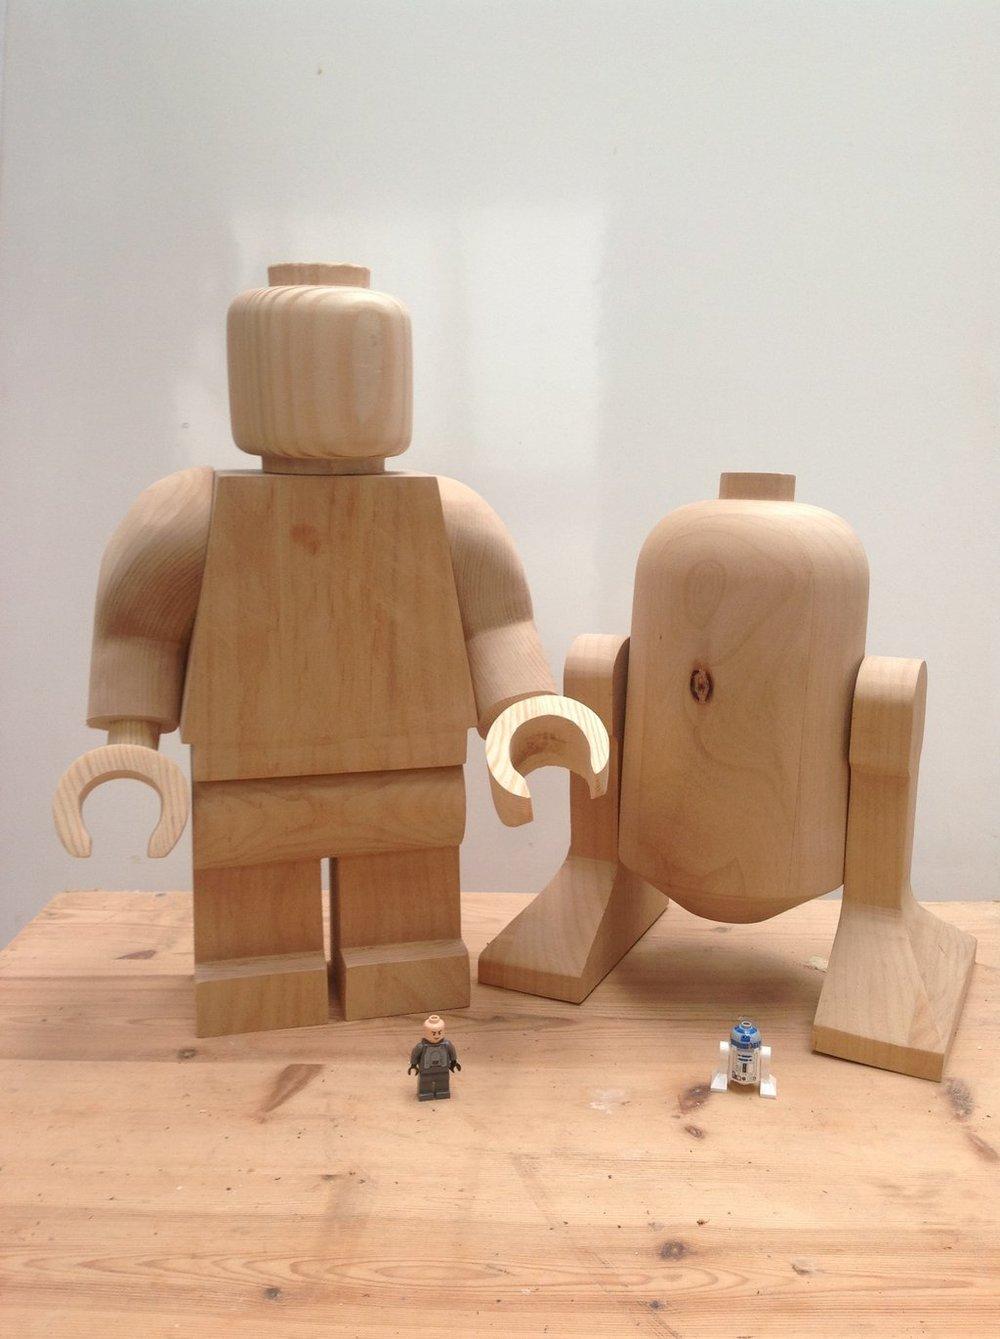 wooden_lego_starwars_by_ragskin-d5z2io5.jpg